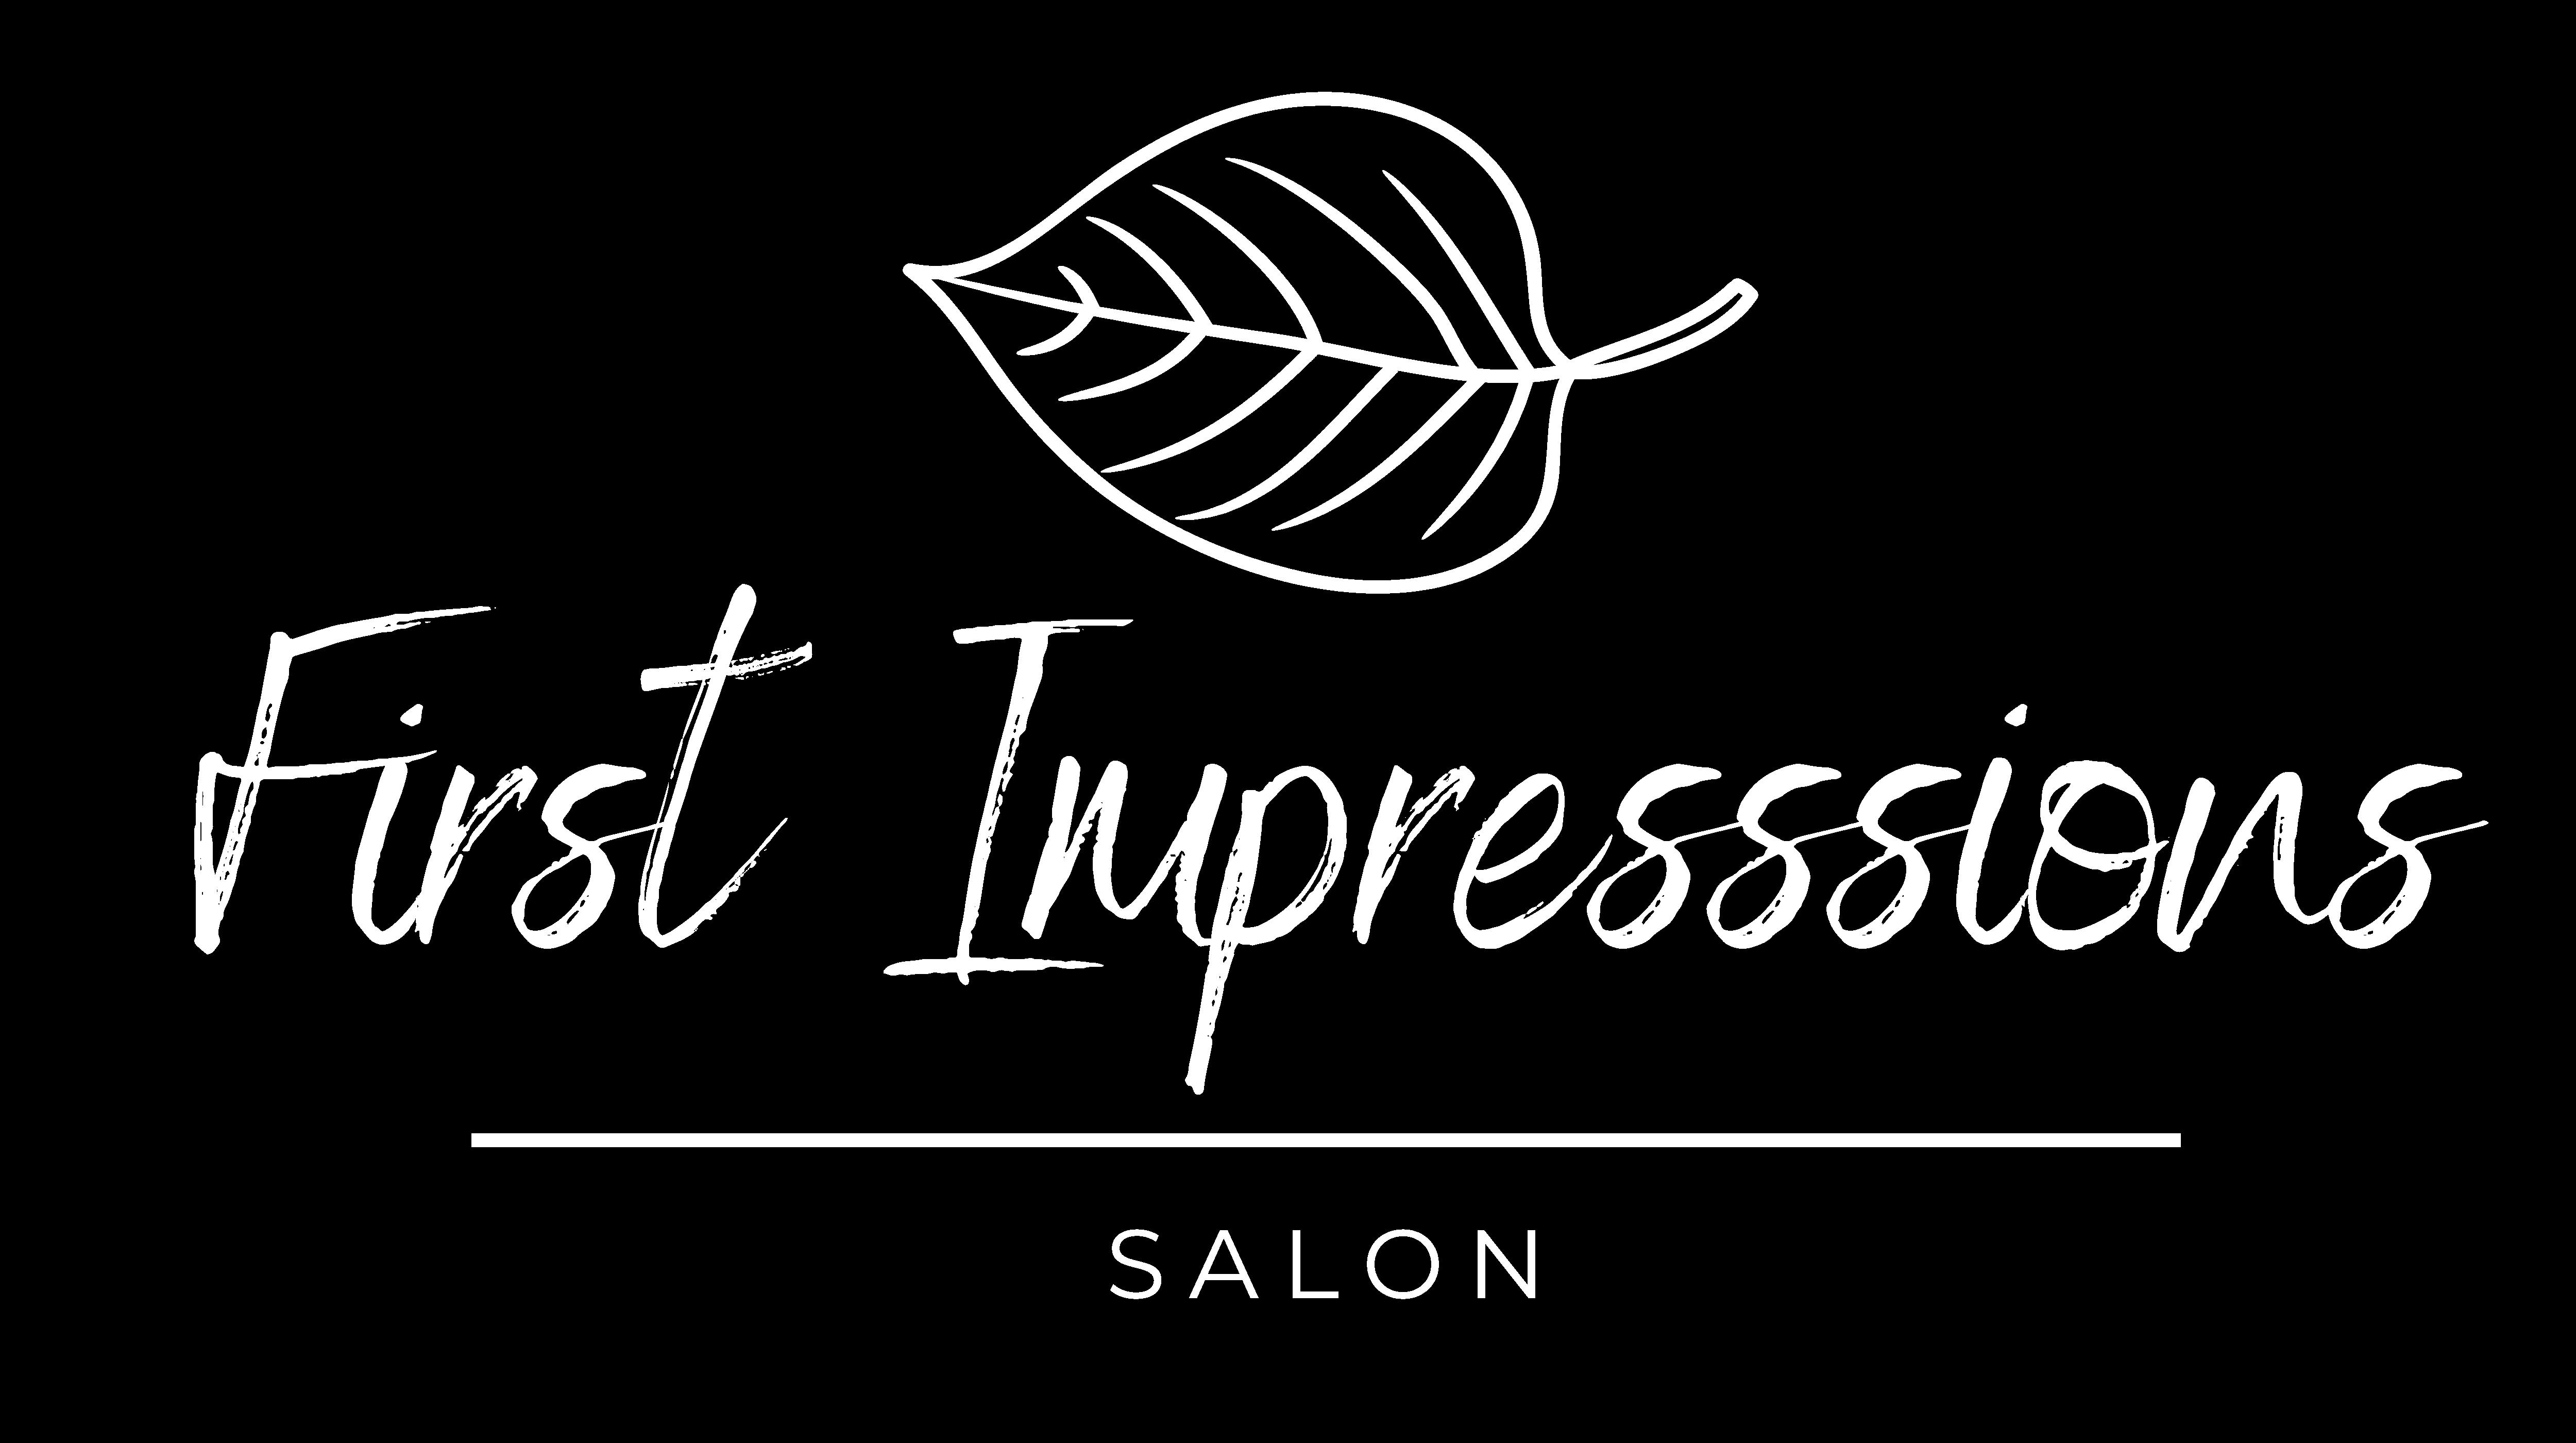 First Impressions Salon 610 Main Street